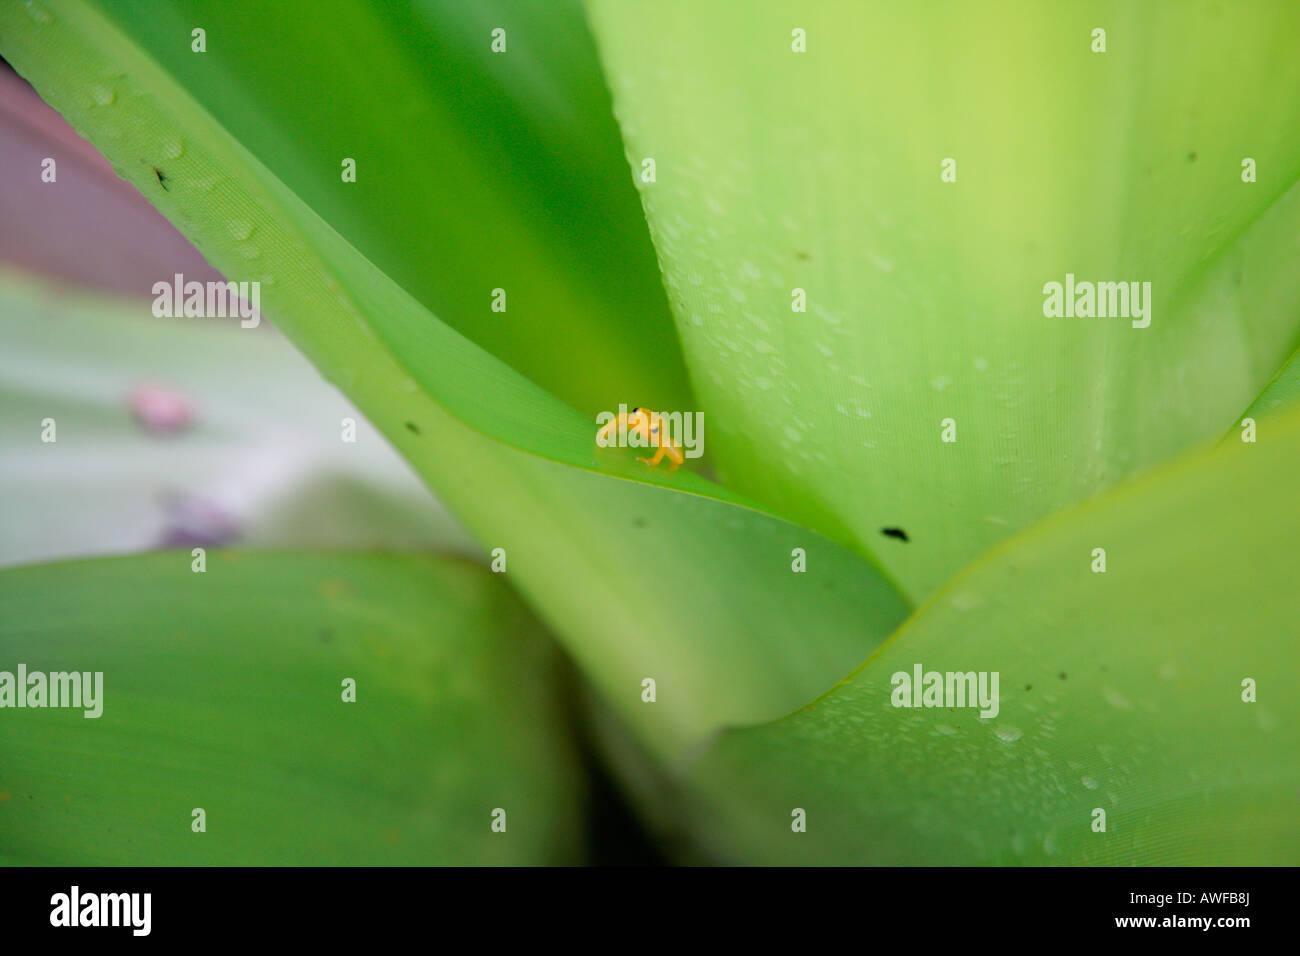 La zucca Toadlet (Brachycephalus ephippium) la misurazione di 2 cm, da il rospo a doppio spiovente (Famiglia Brachycephalidae), Immagini Stock